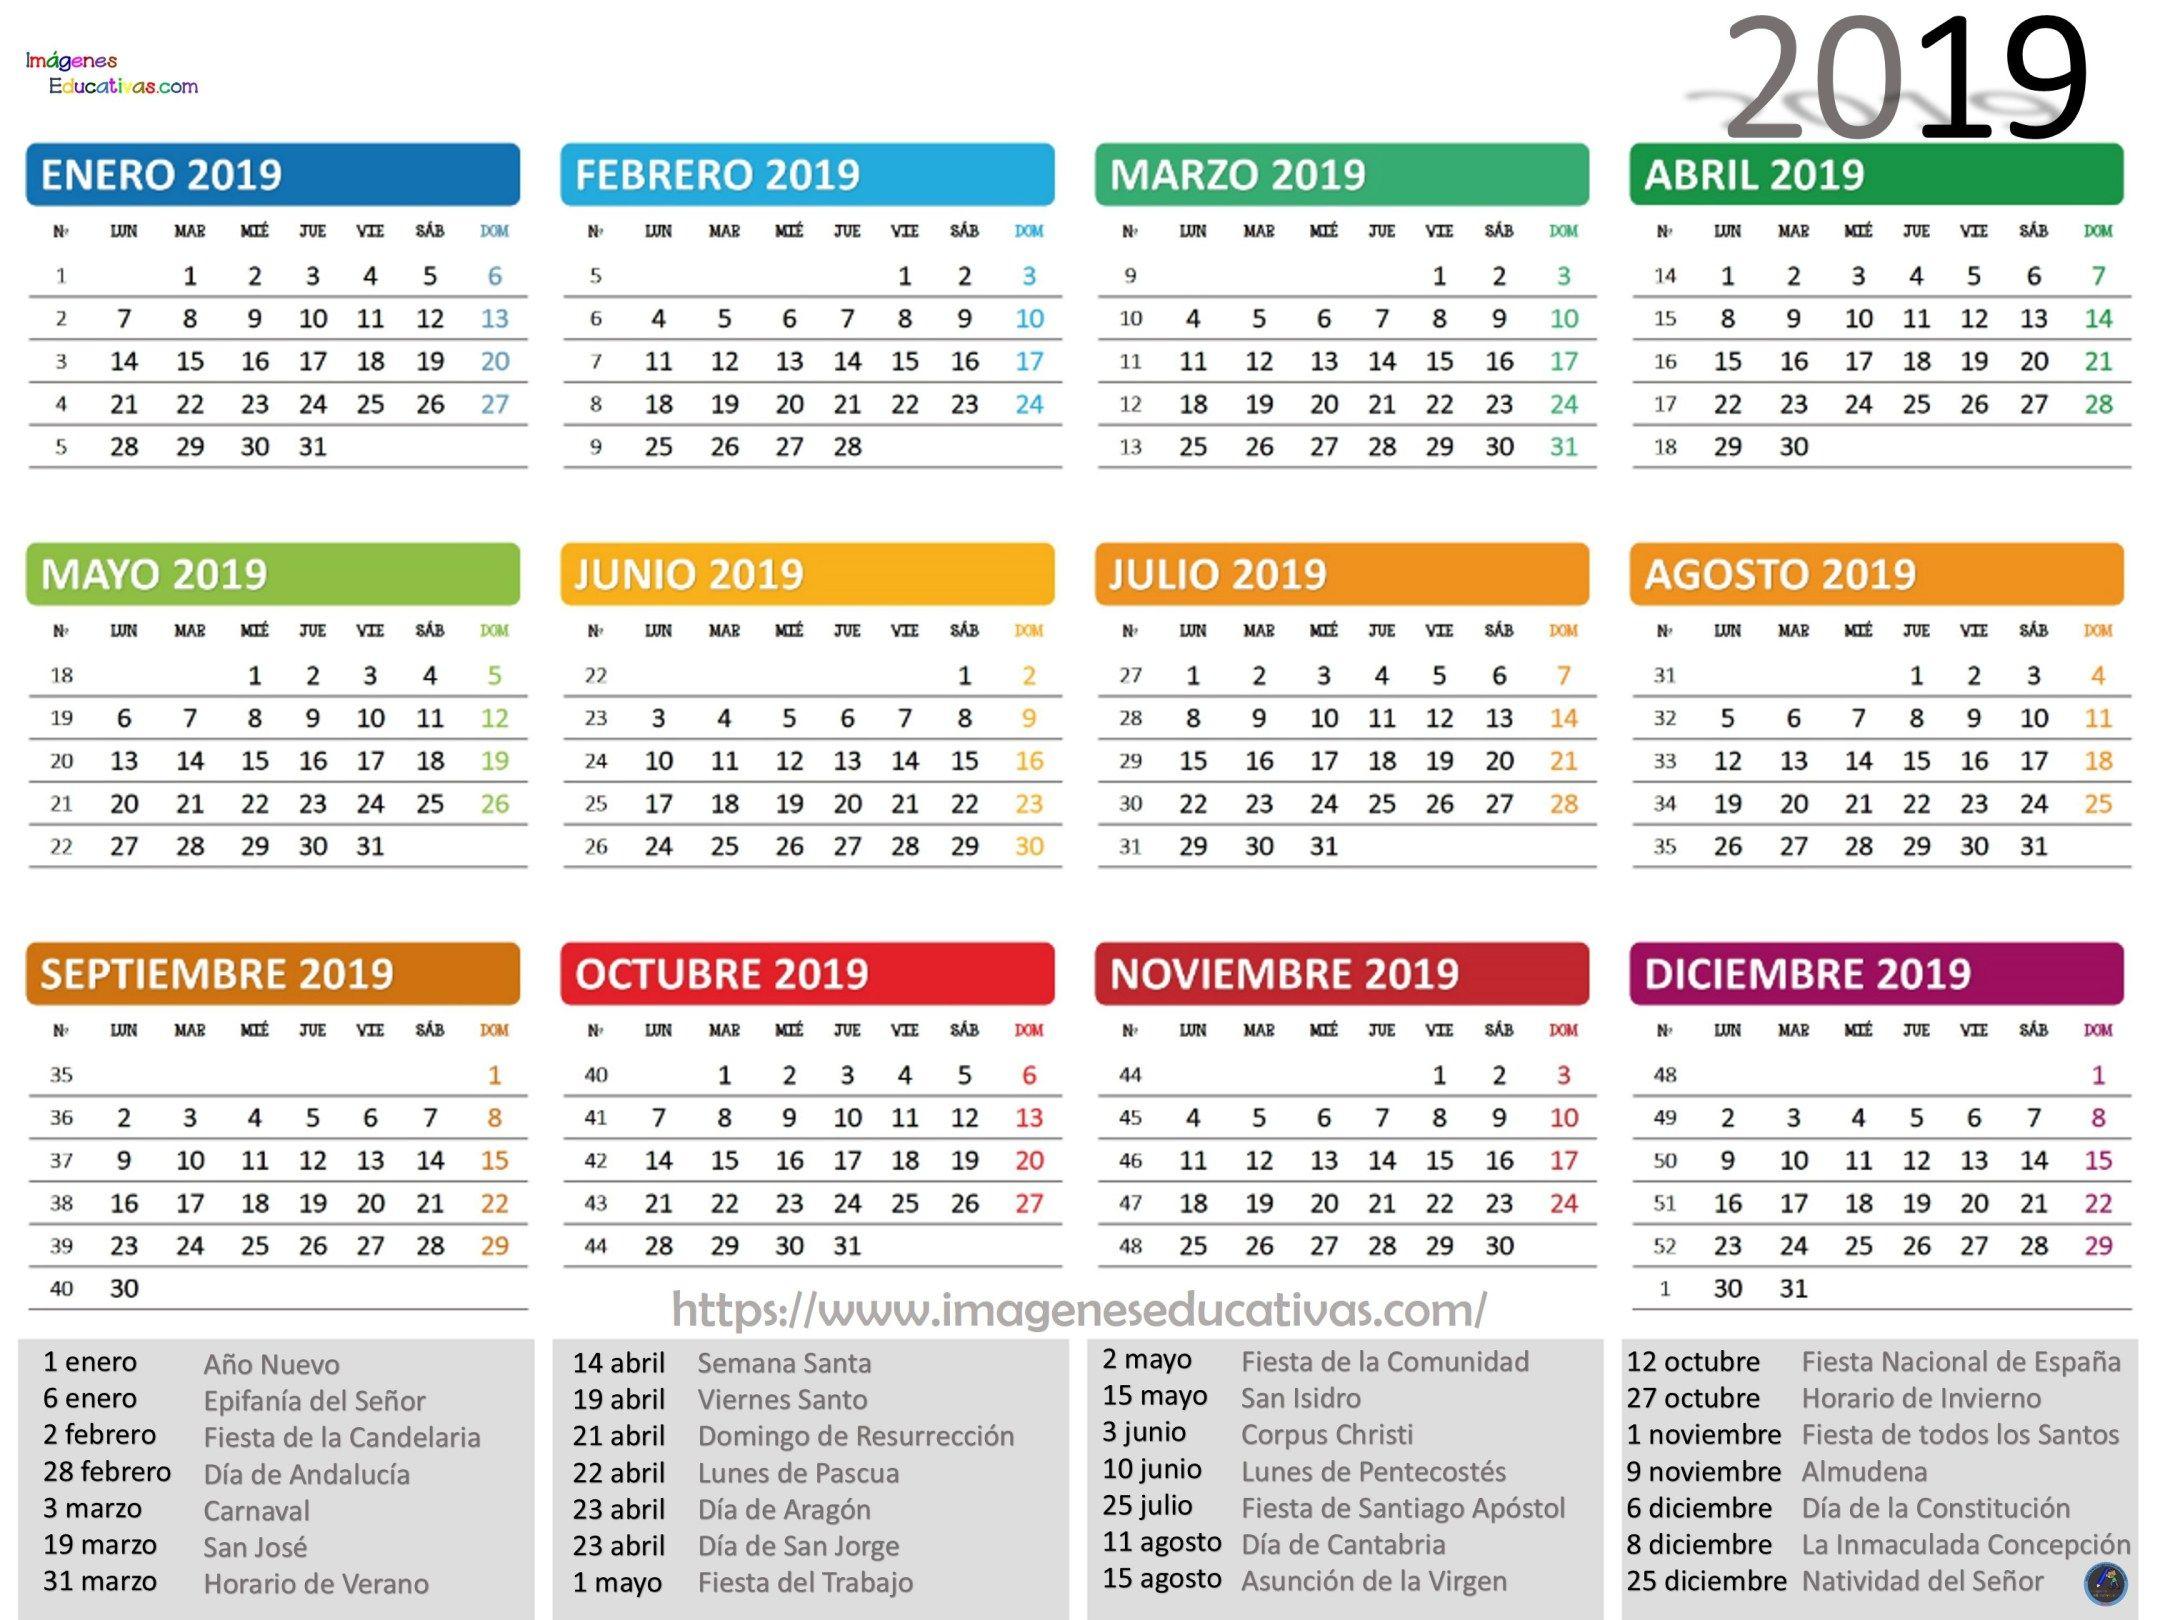 Calendario 2019 Para Imprimir.Coleccion De Calendarios 2019 Gran Formato Listos Para Descargar E